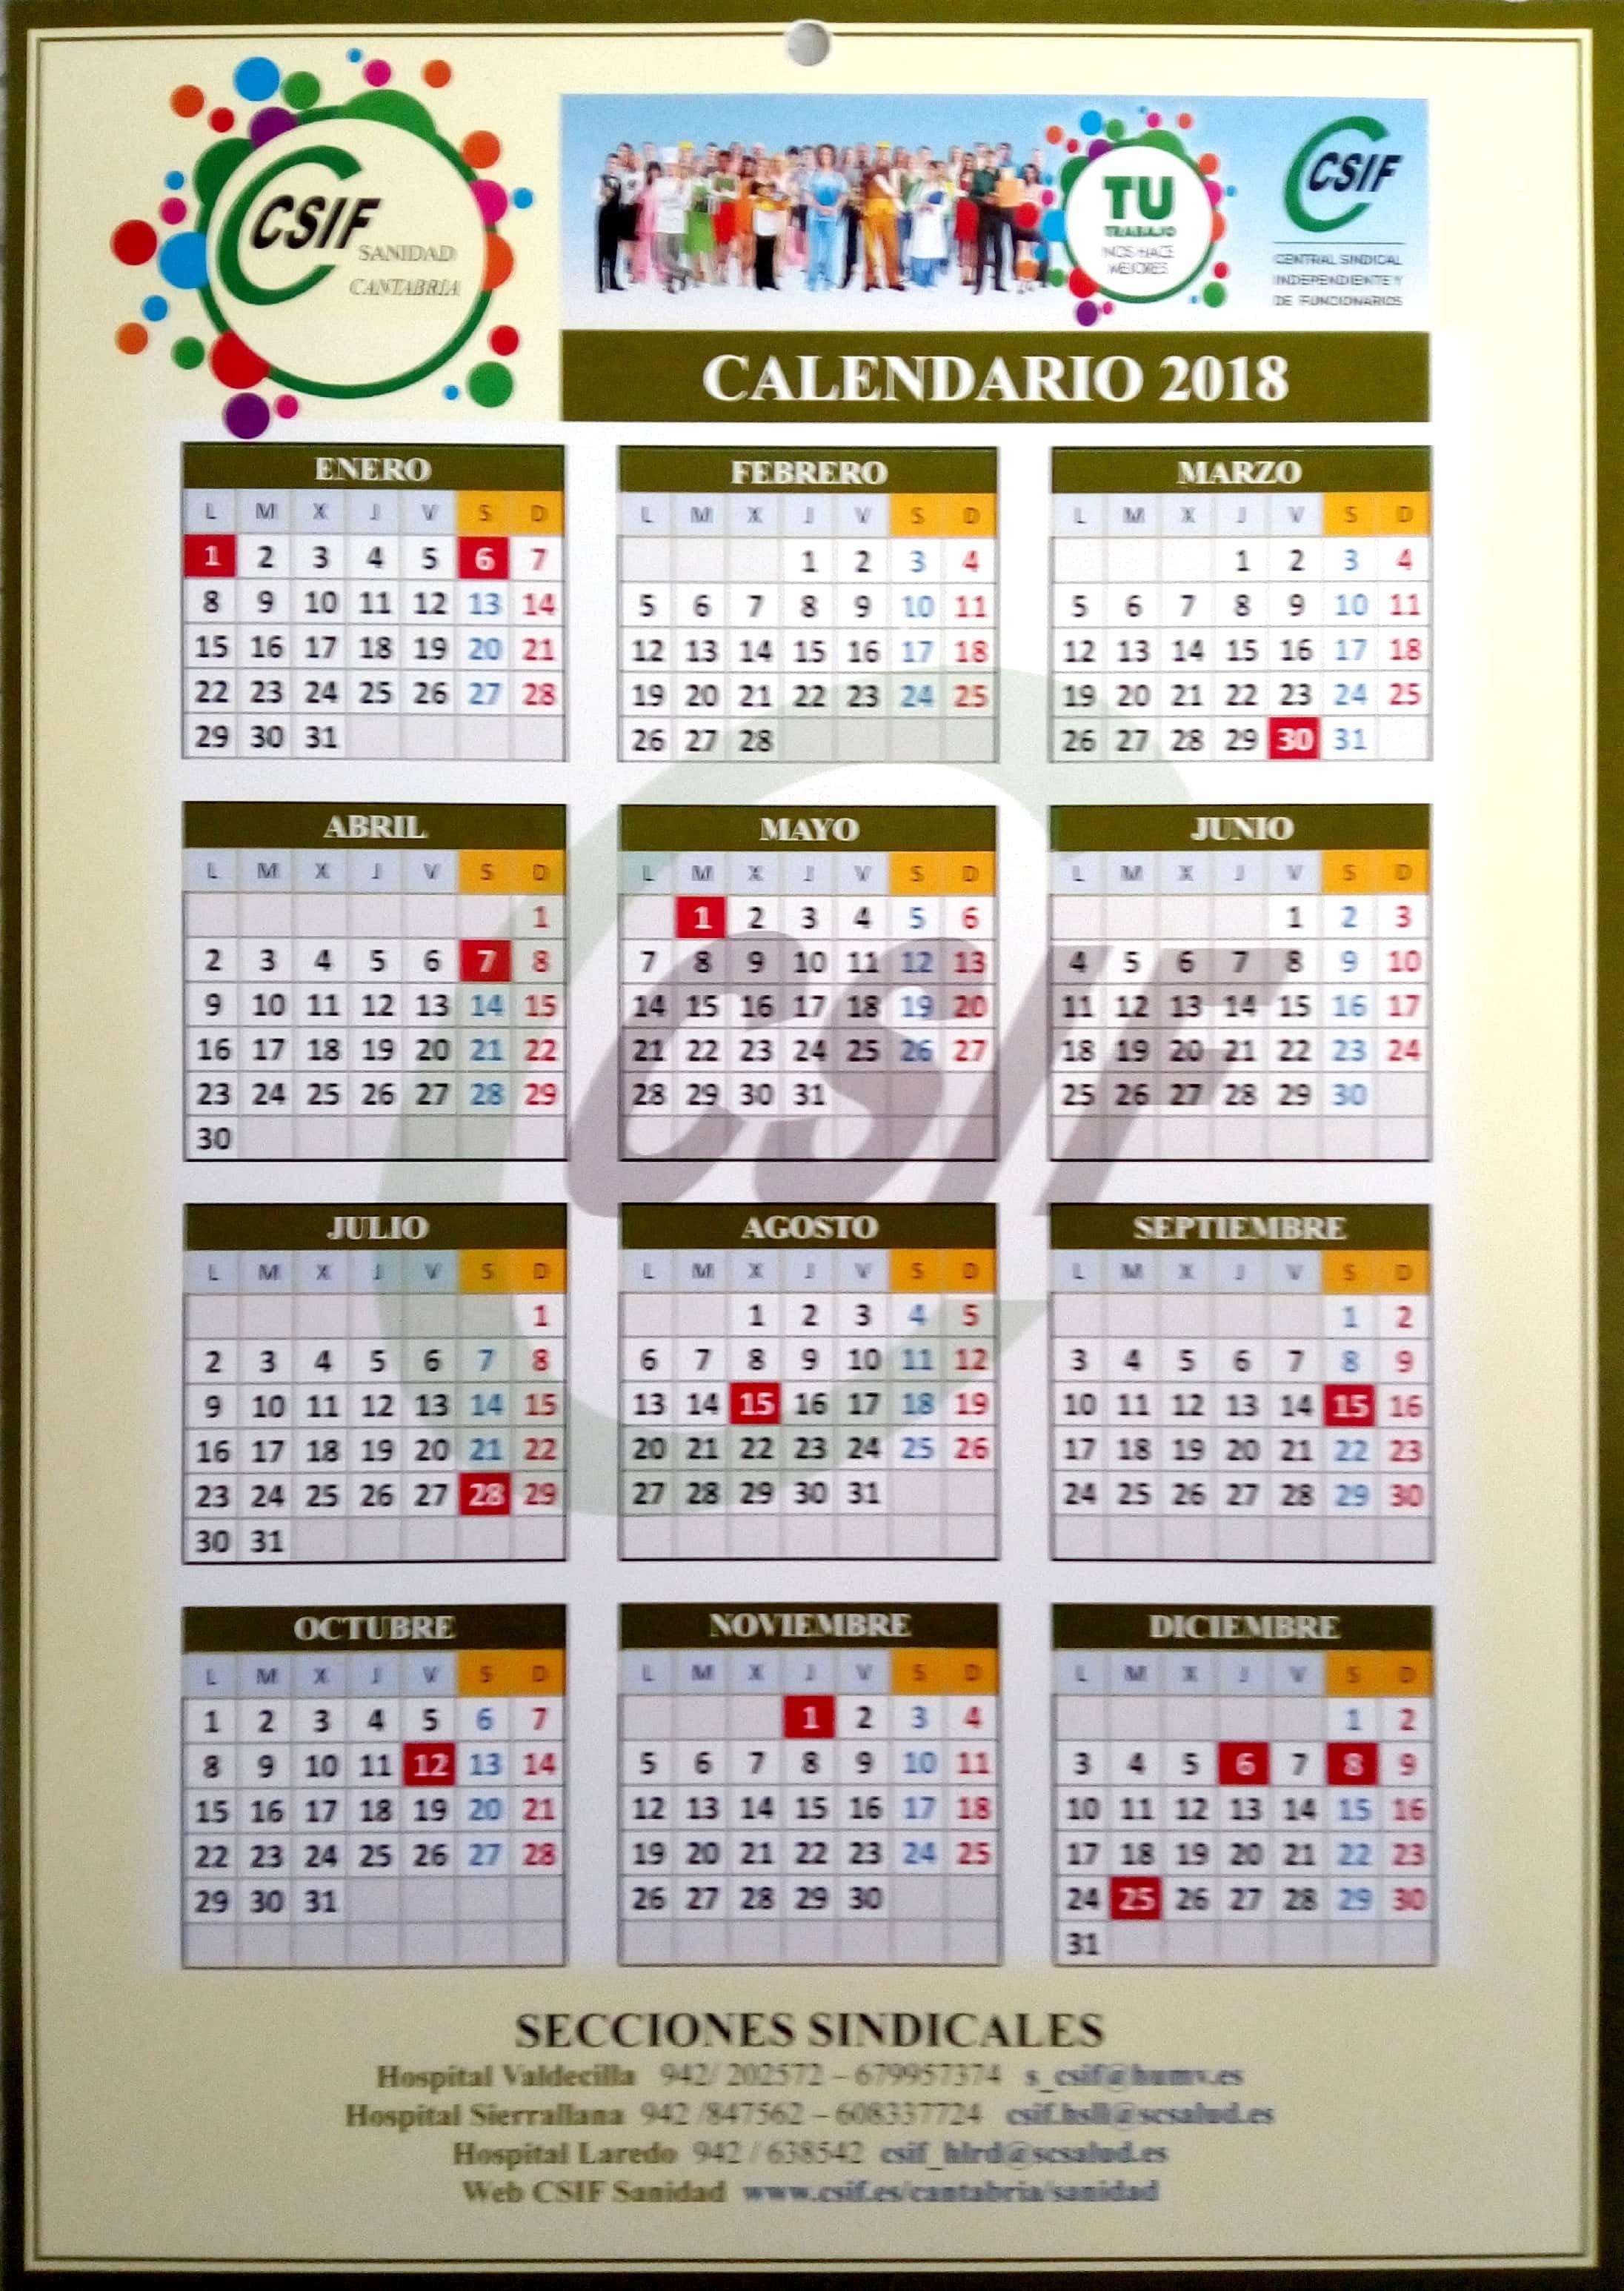 Calendario 2018 CSIF Sanidad Cantabria